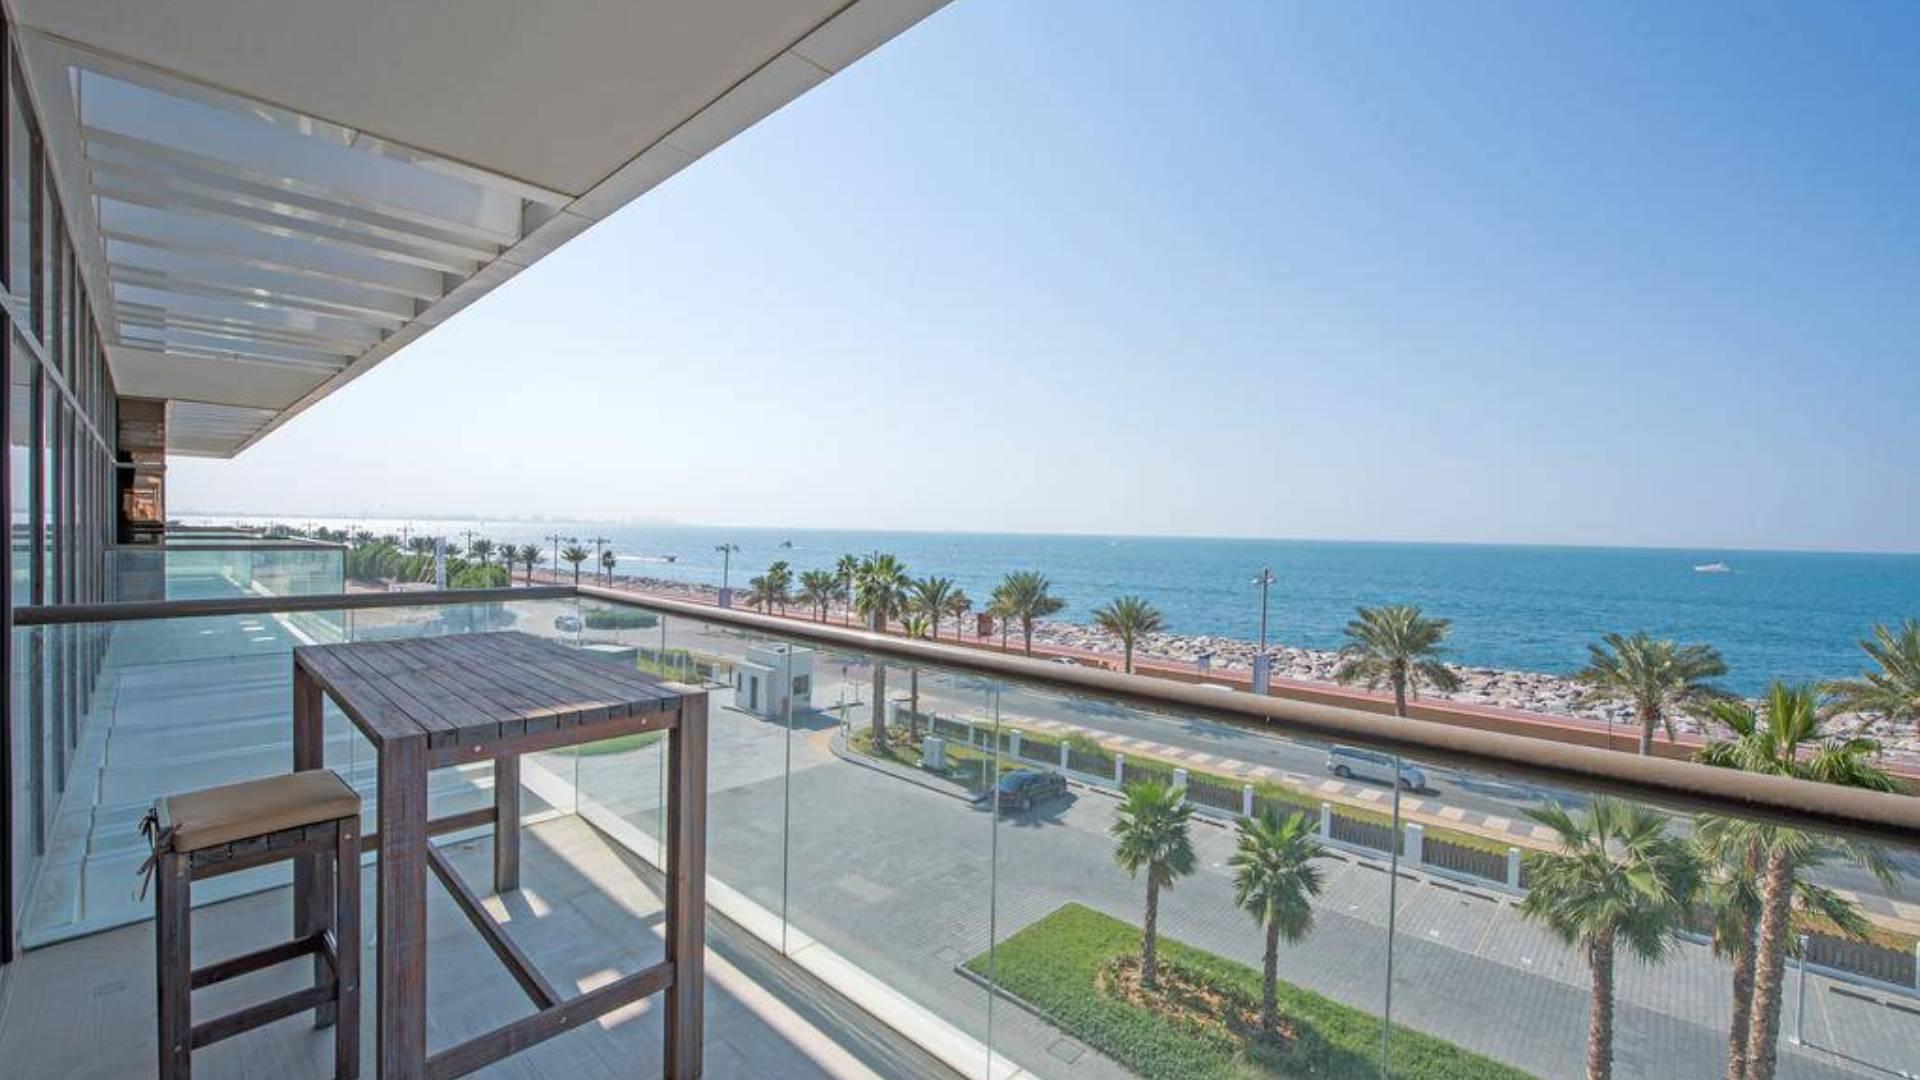 Apartamento en venta en Dubai, EAU, 1 dormitorio, 126 m2, № 24478 – foto 5